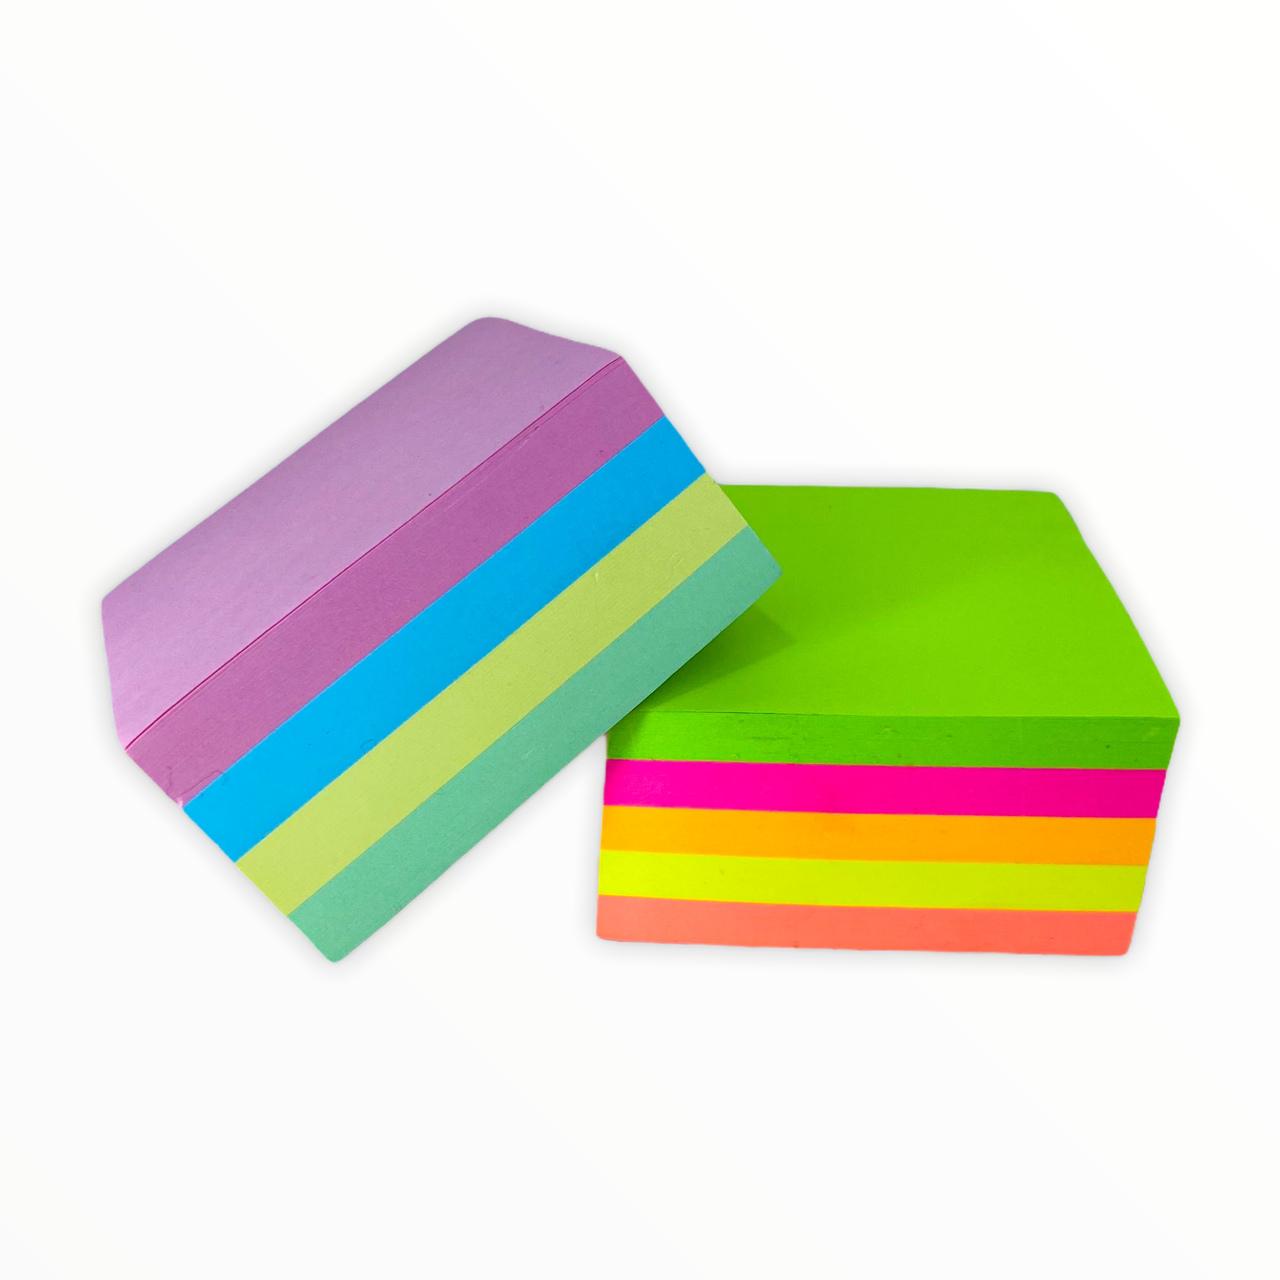 Bloco de Anotações Autocolante Post-It Folhas Neon e Pastel c/ 400 Folhas Moure Jar